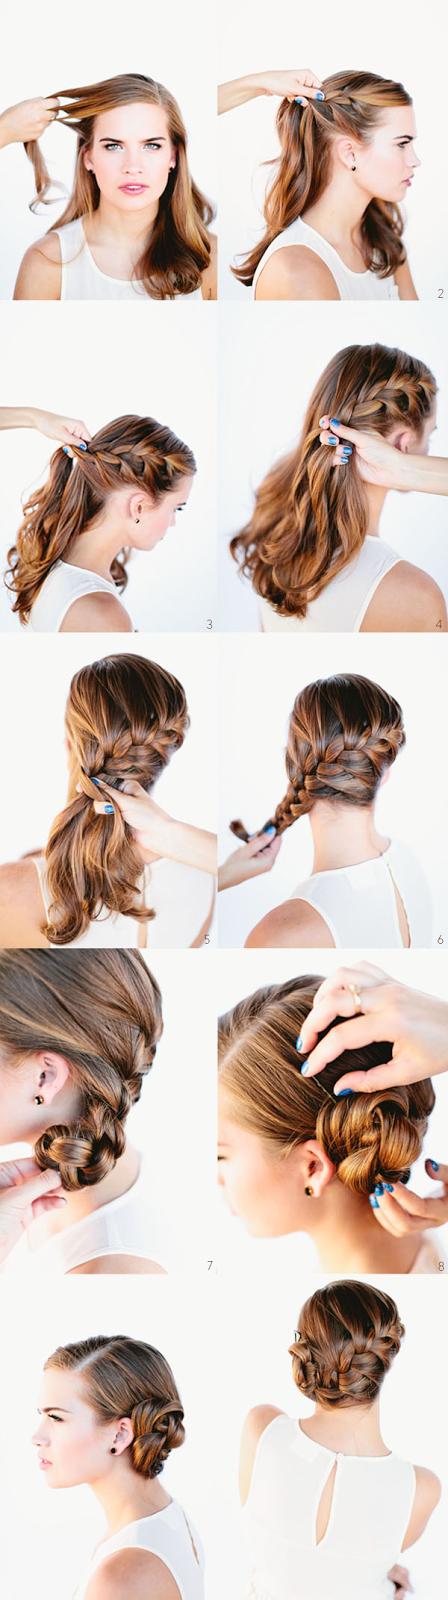 Tutorial Menata Rambut Panjang Dan Pendek Secara Mudah 6